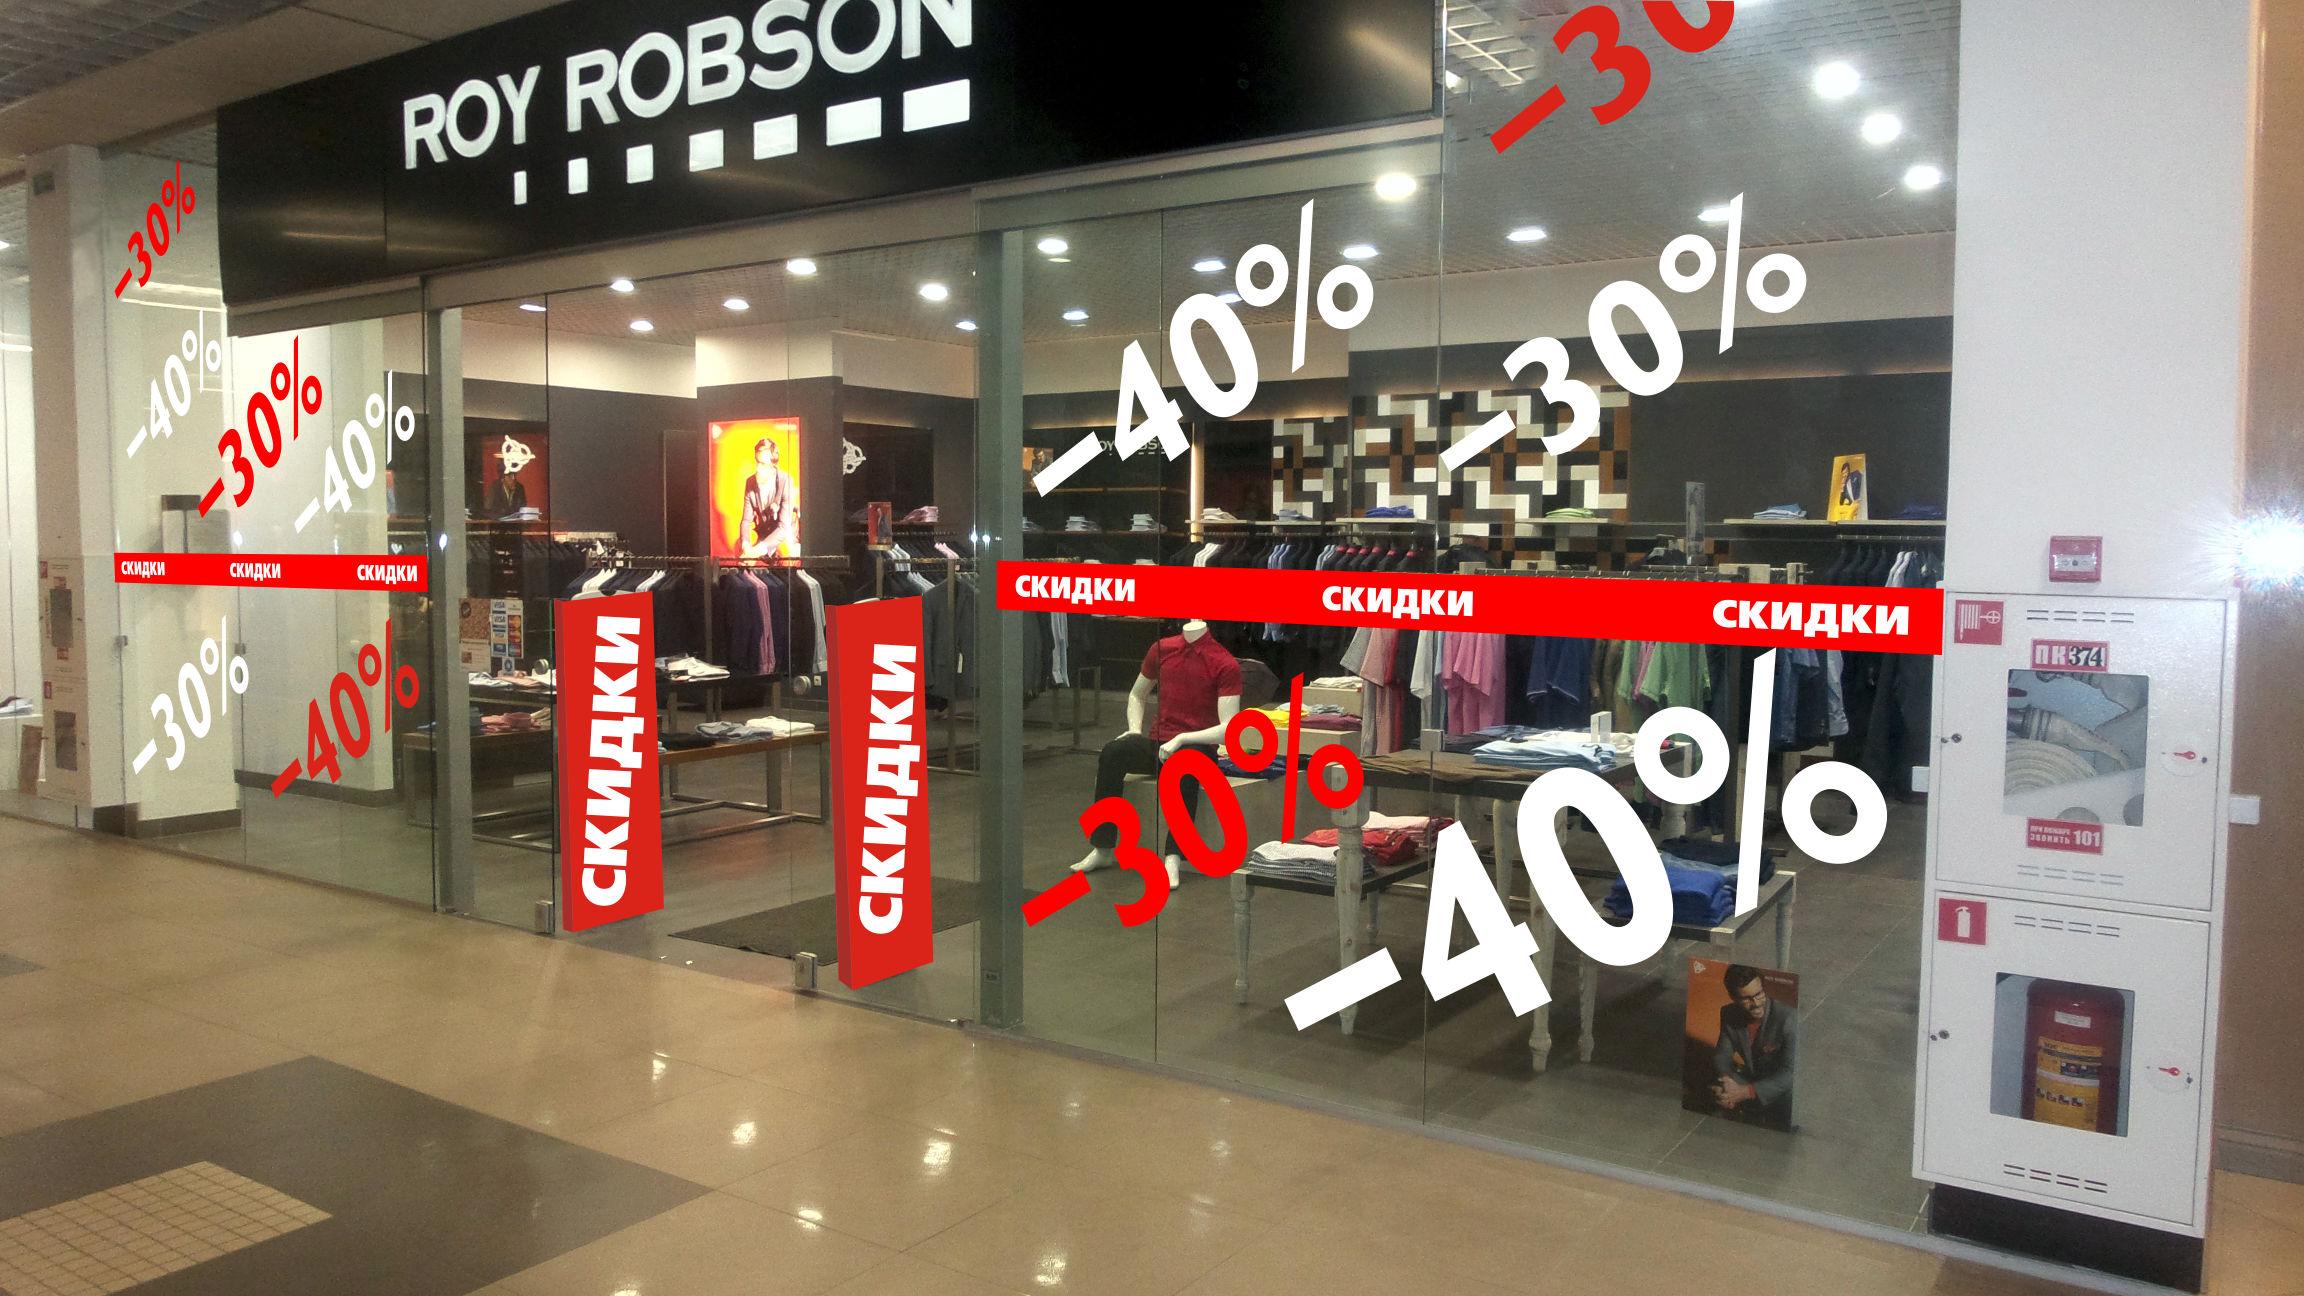 4 Торговый павильон Roy Robson